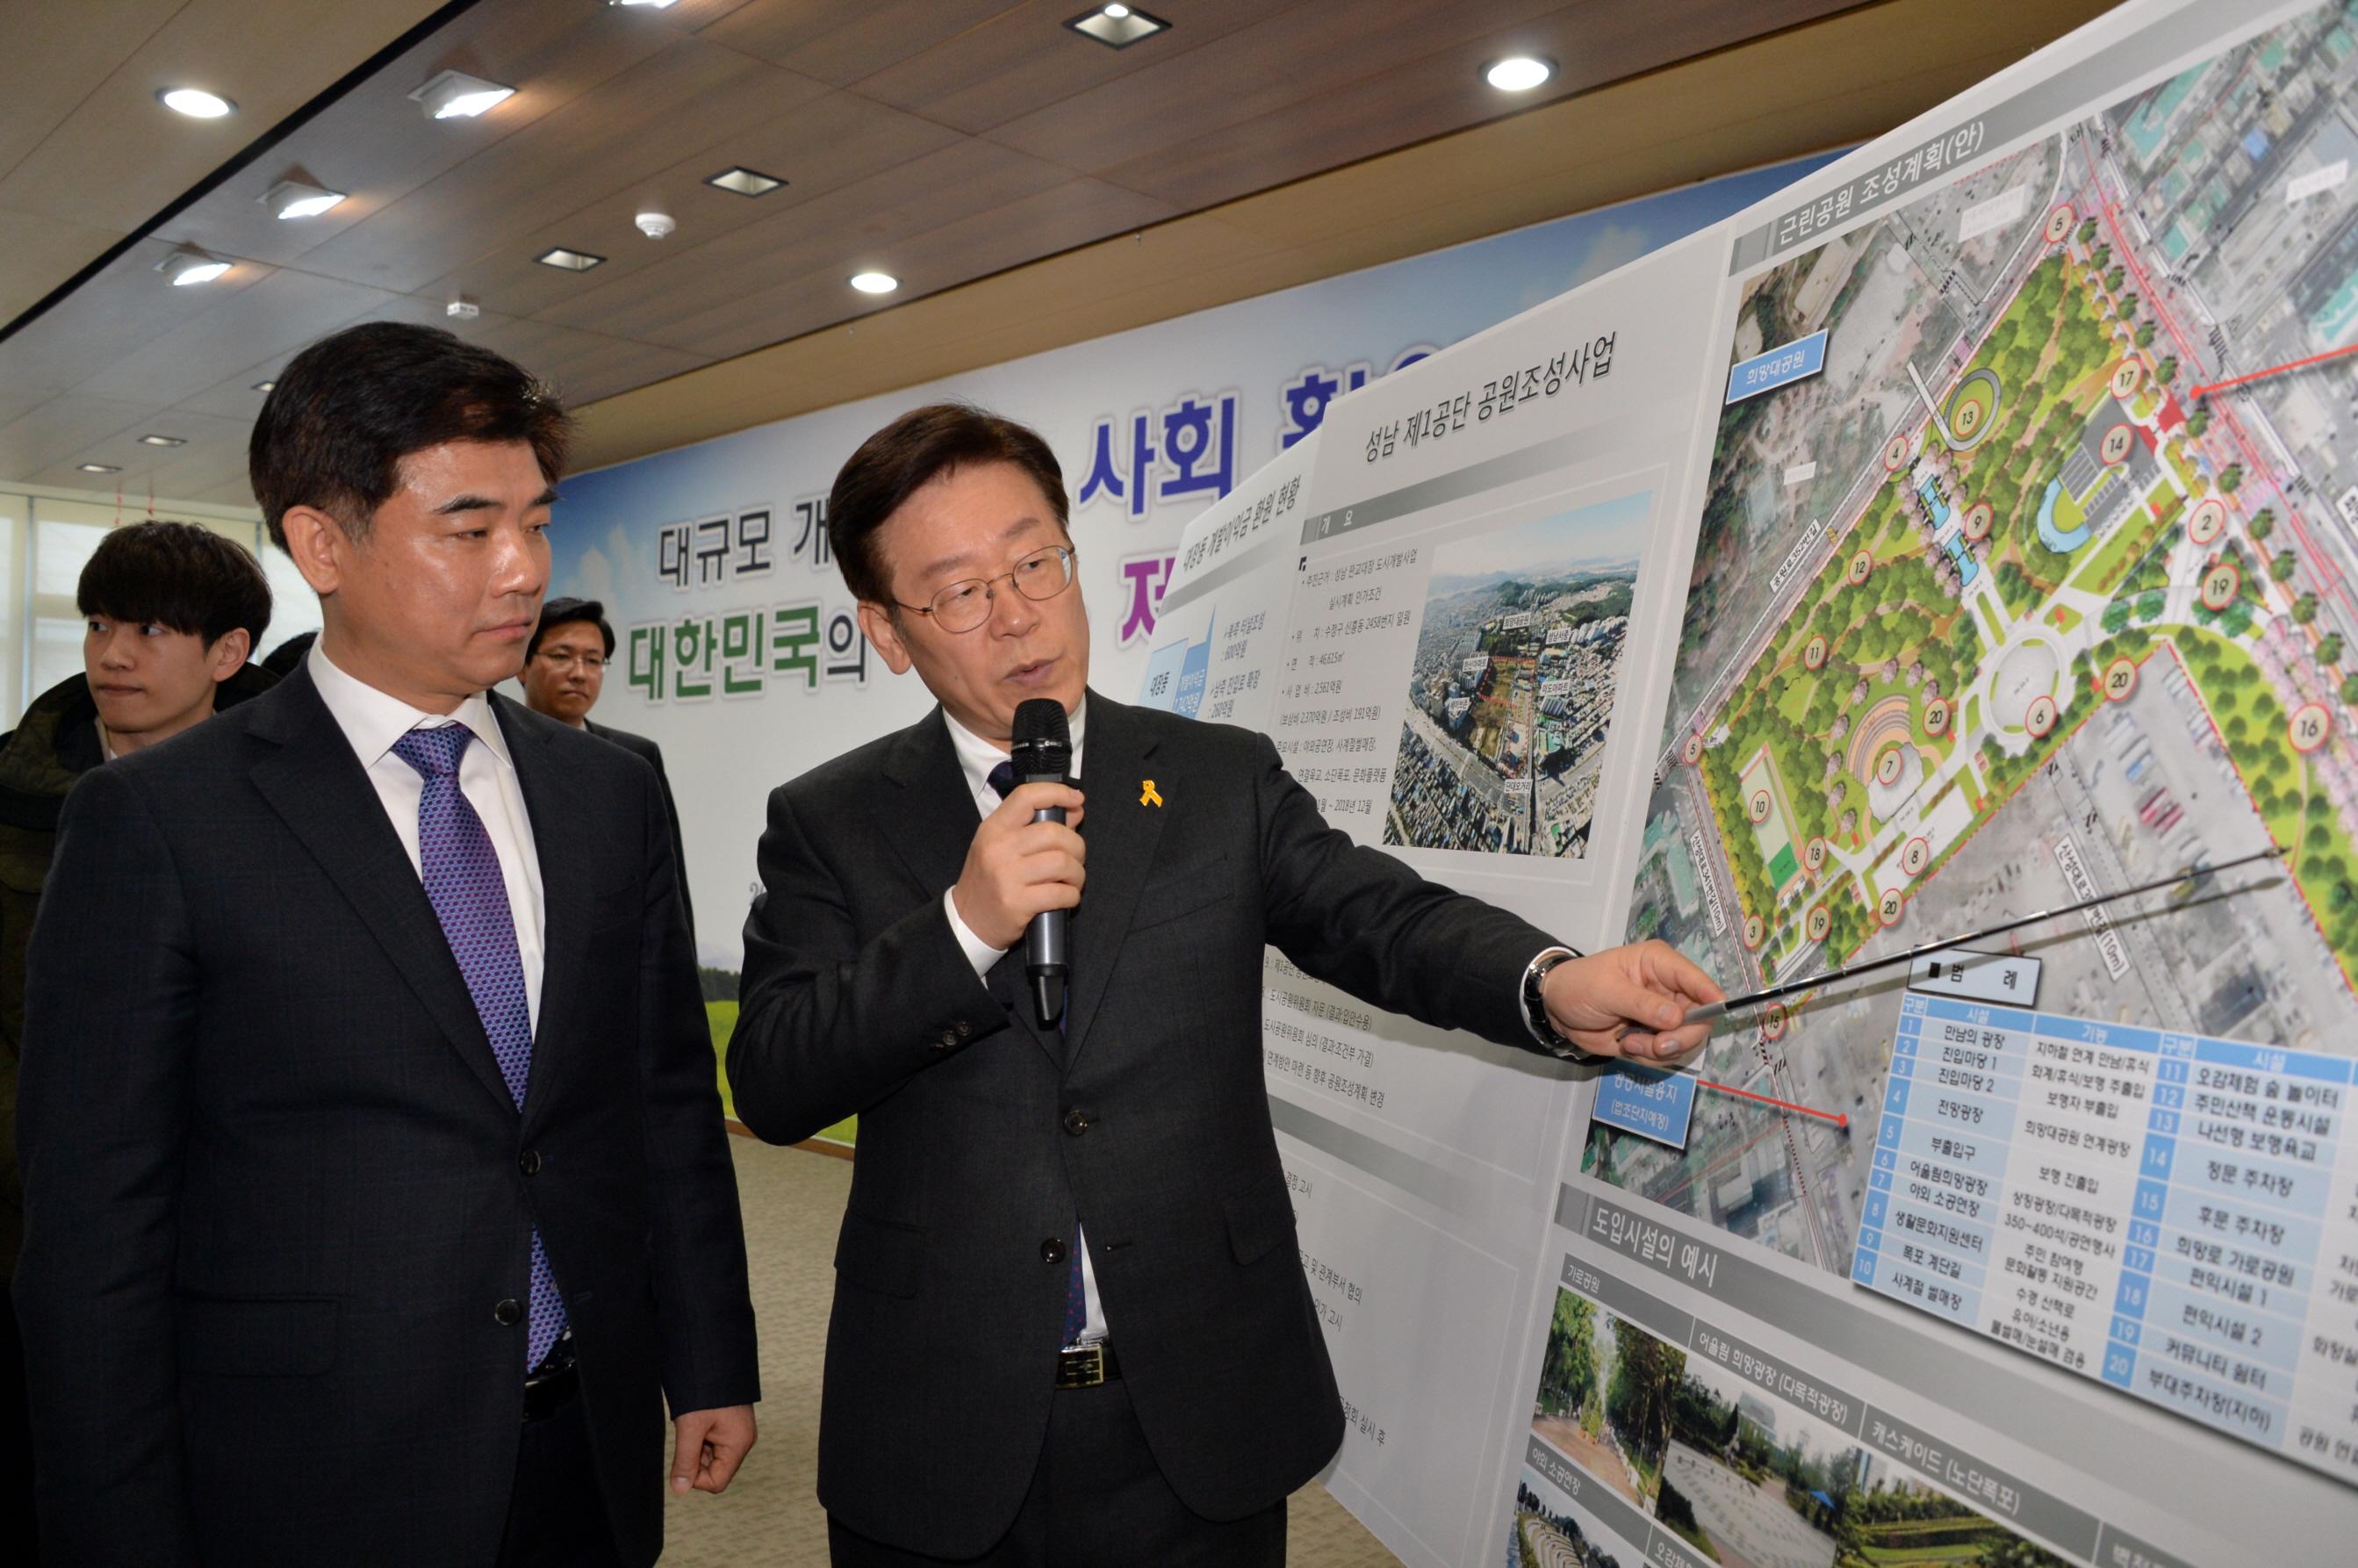 성남시 1공단 공원조성사업 기지회견이미지3